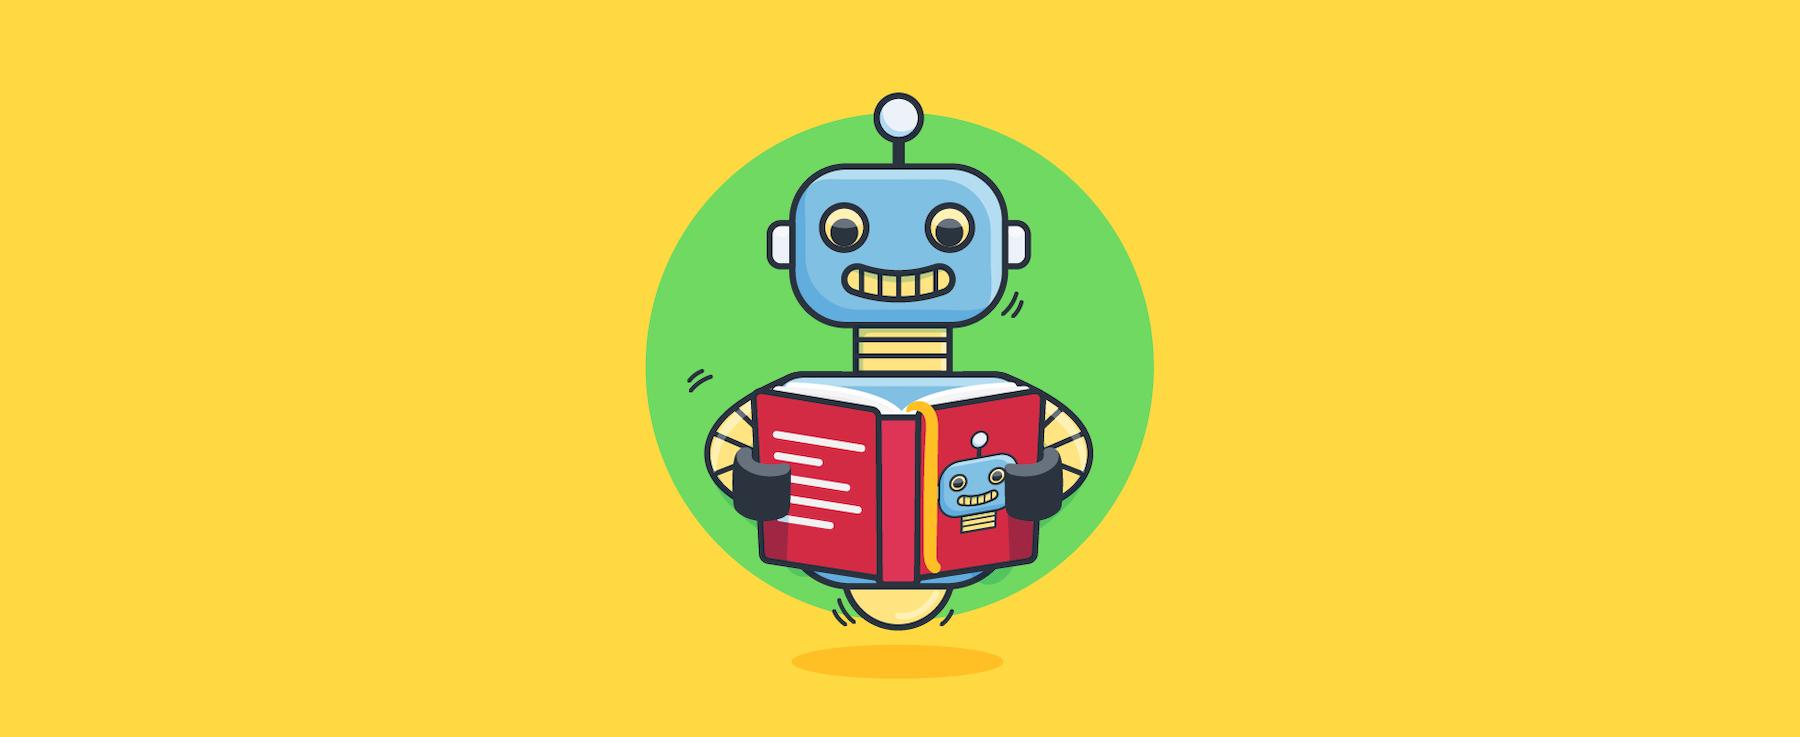 Cartoon von einem Chatbot, der ein Buch liest